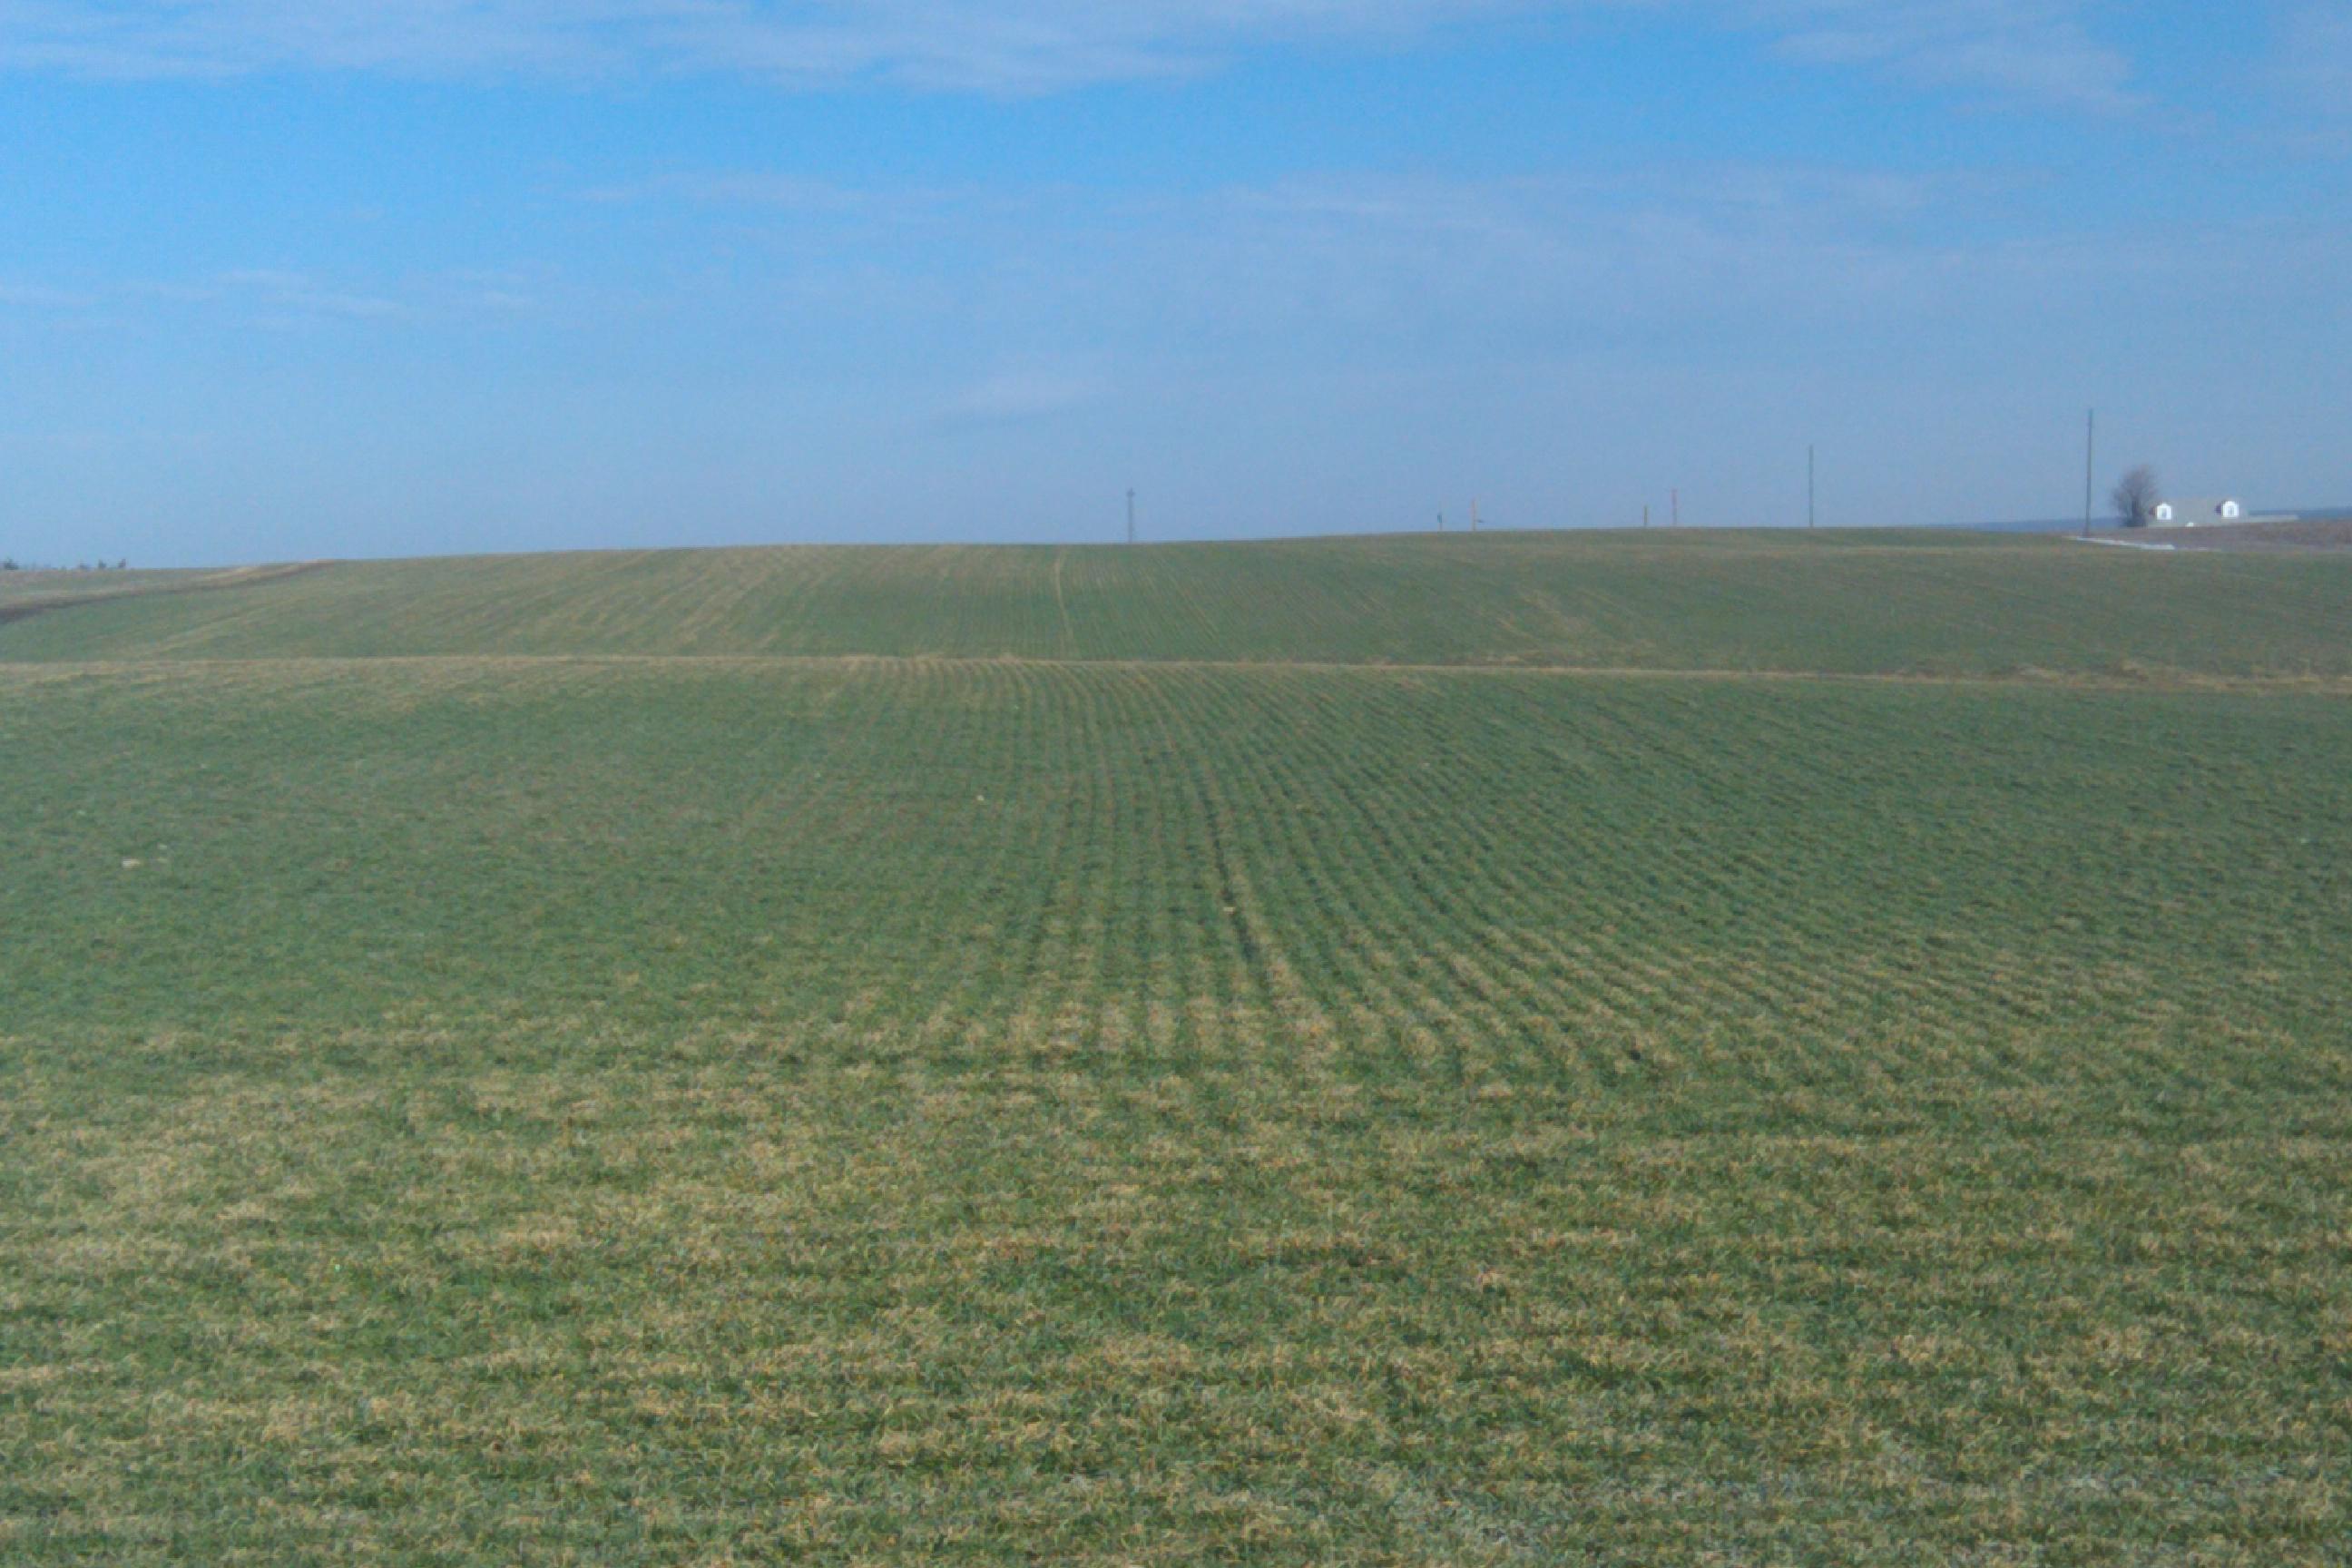 https://i0.wp.com/haley-farms.com/blog/wp-content/uploads/2011/02/IMAG0344.jpg